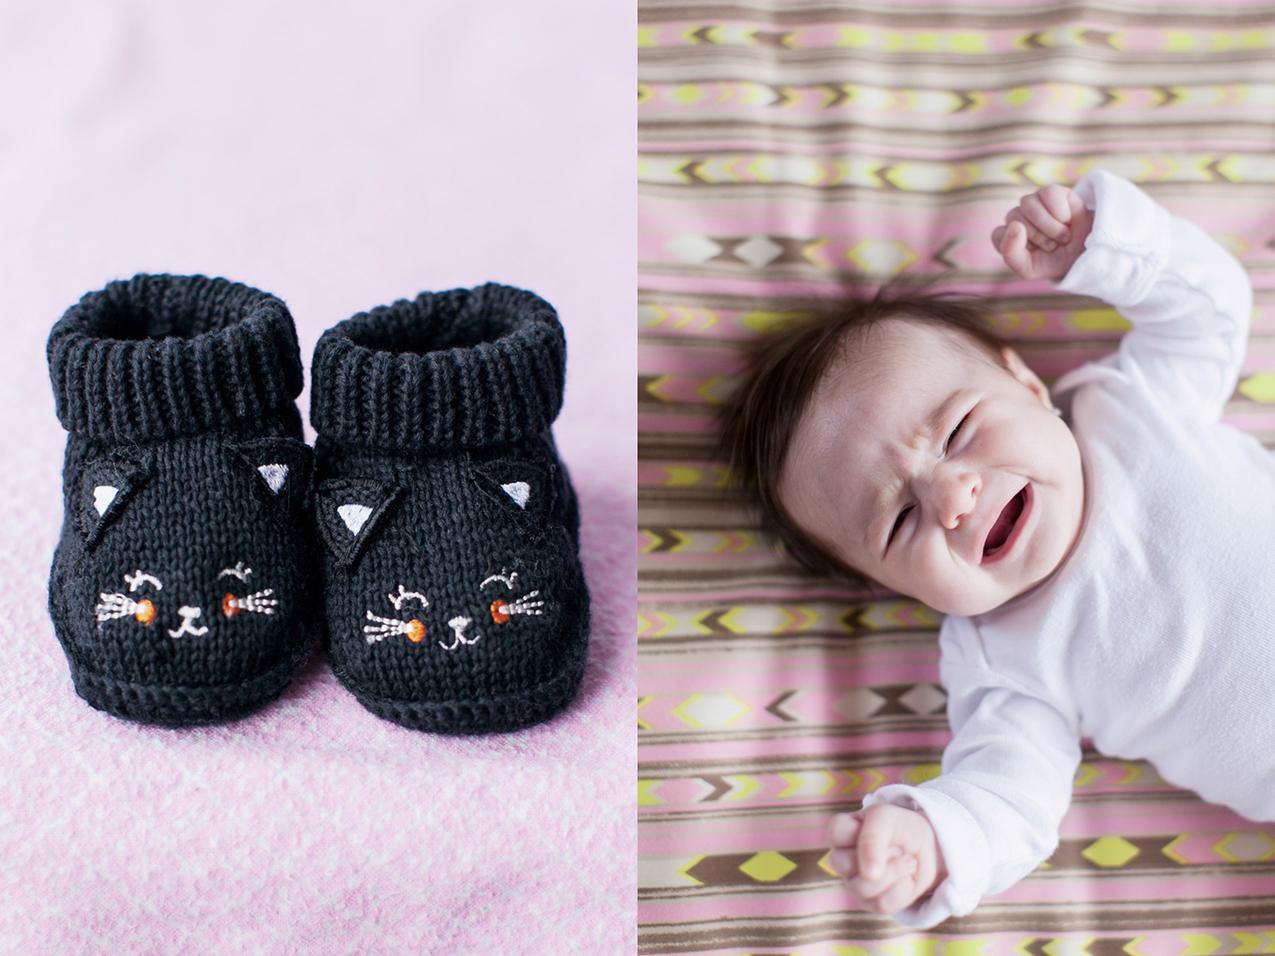 07fotografia-de-niños-bebes-recien-nacido-embarazo-retratos.jpg